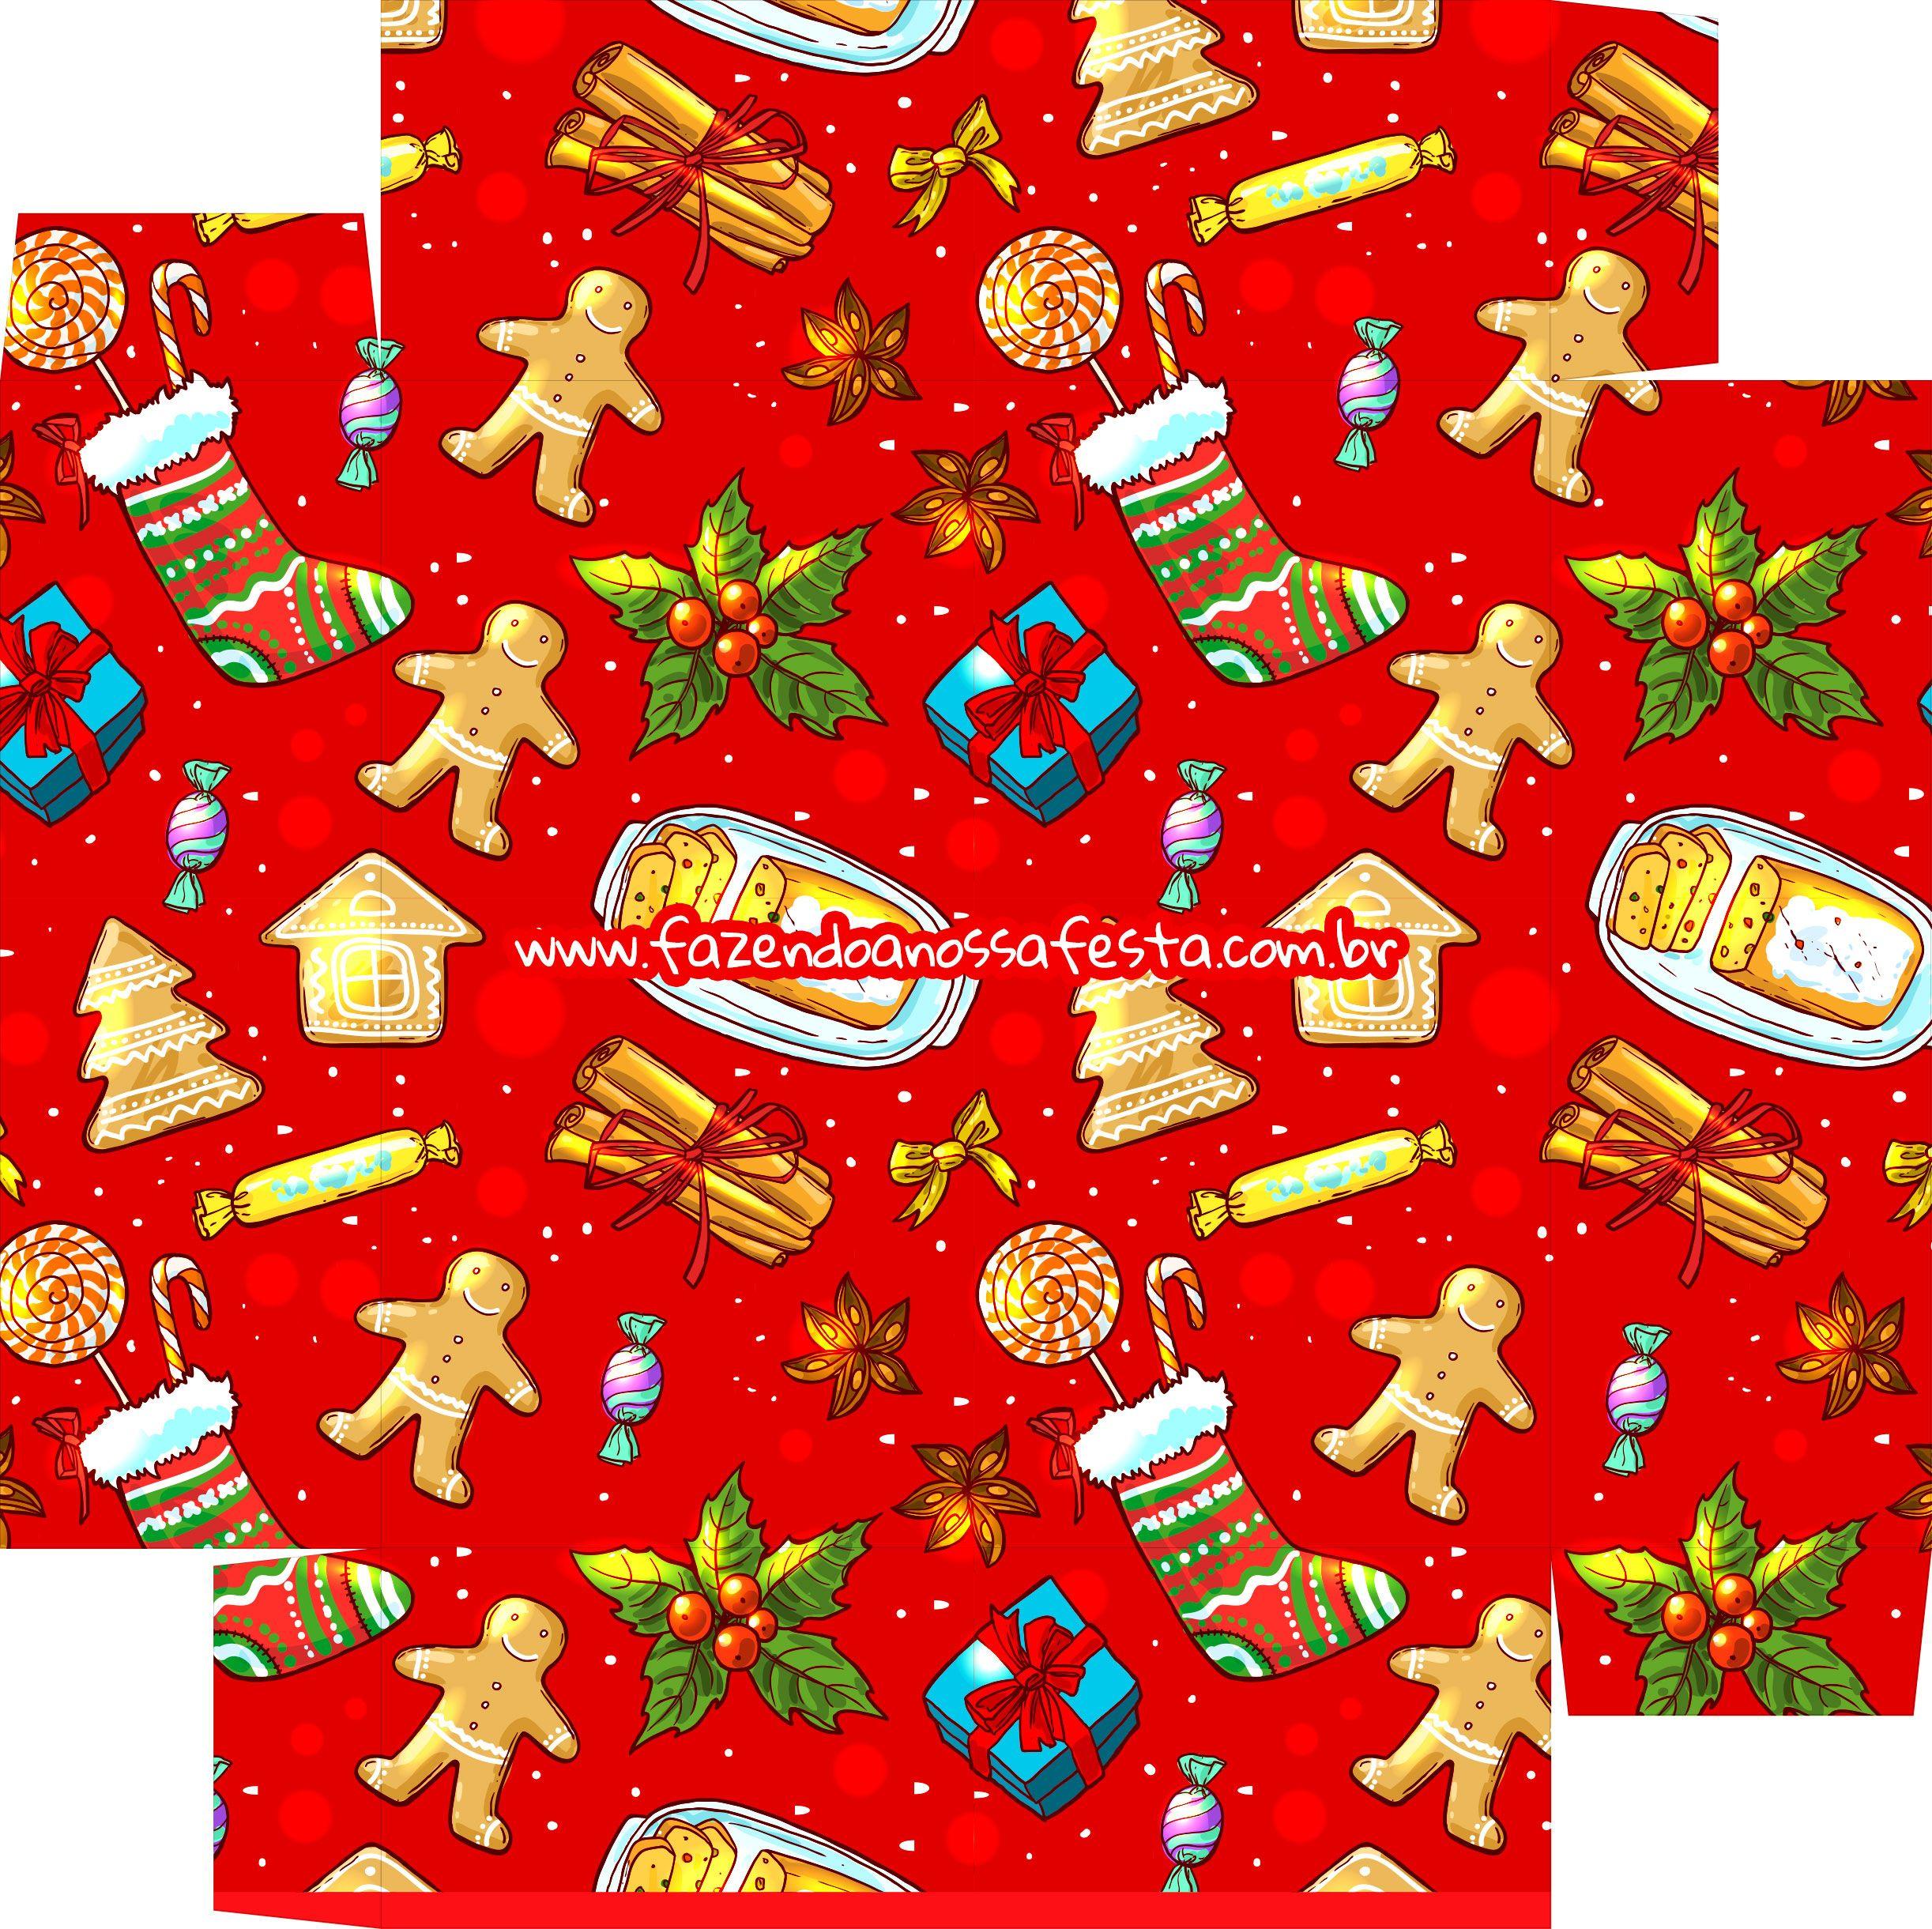 Caixa Bombom para o Natal Papai Noel - Parte de baixo